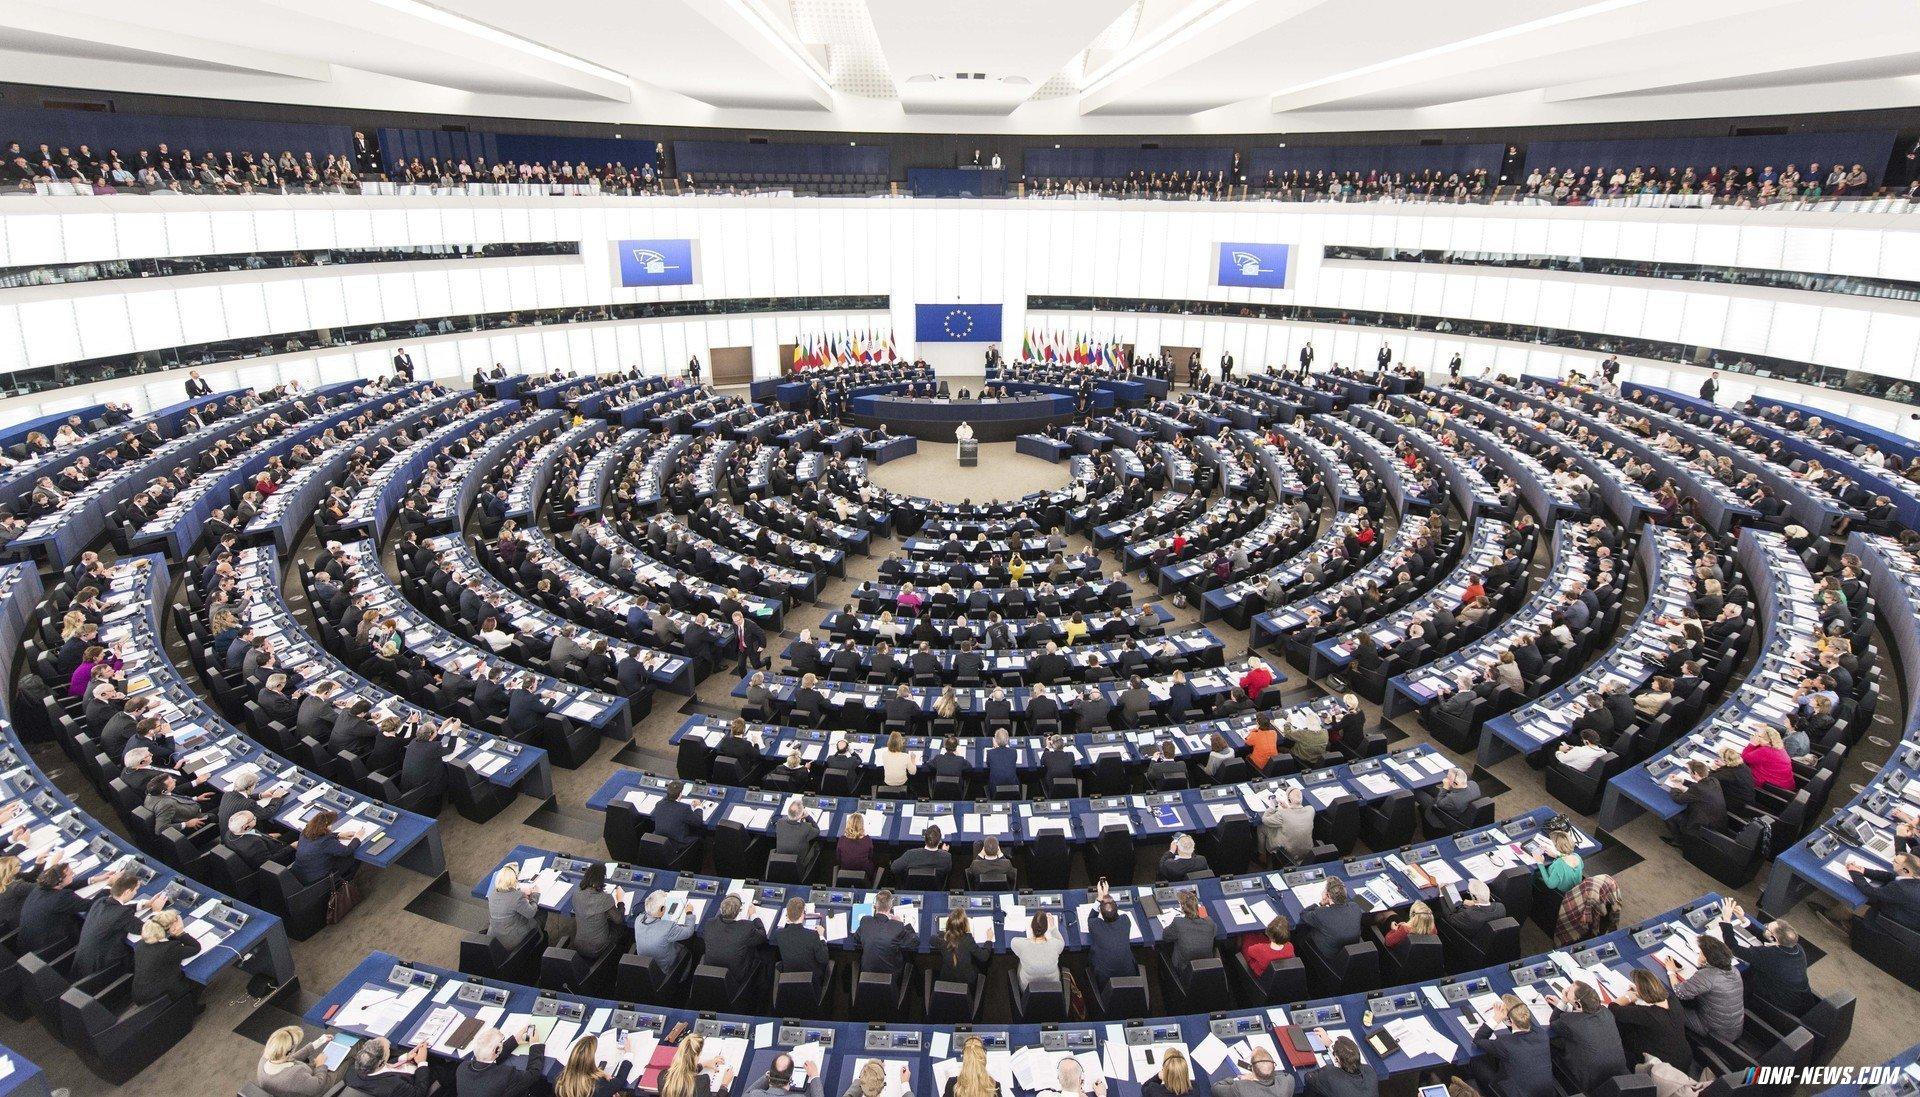 Komitet Jevroparlamentu nadaje makrofinansovu dopomogu Ukraїni